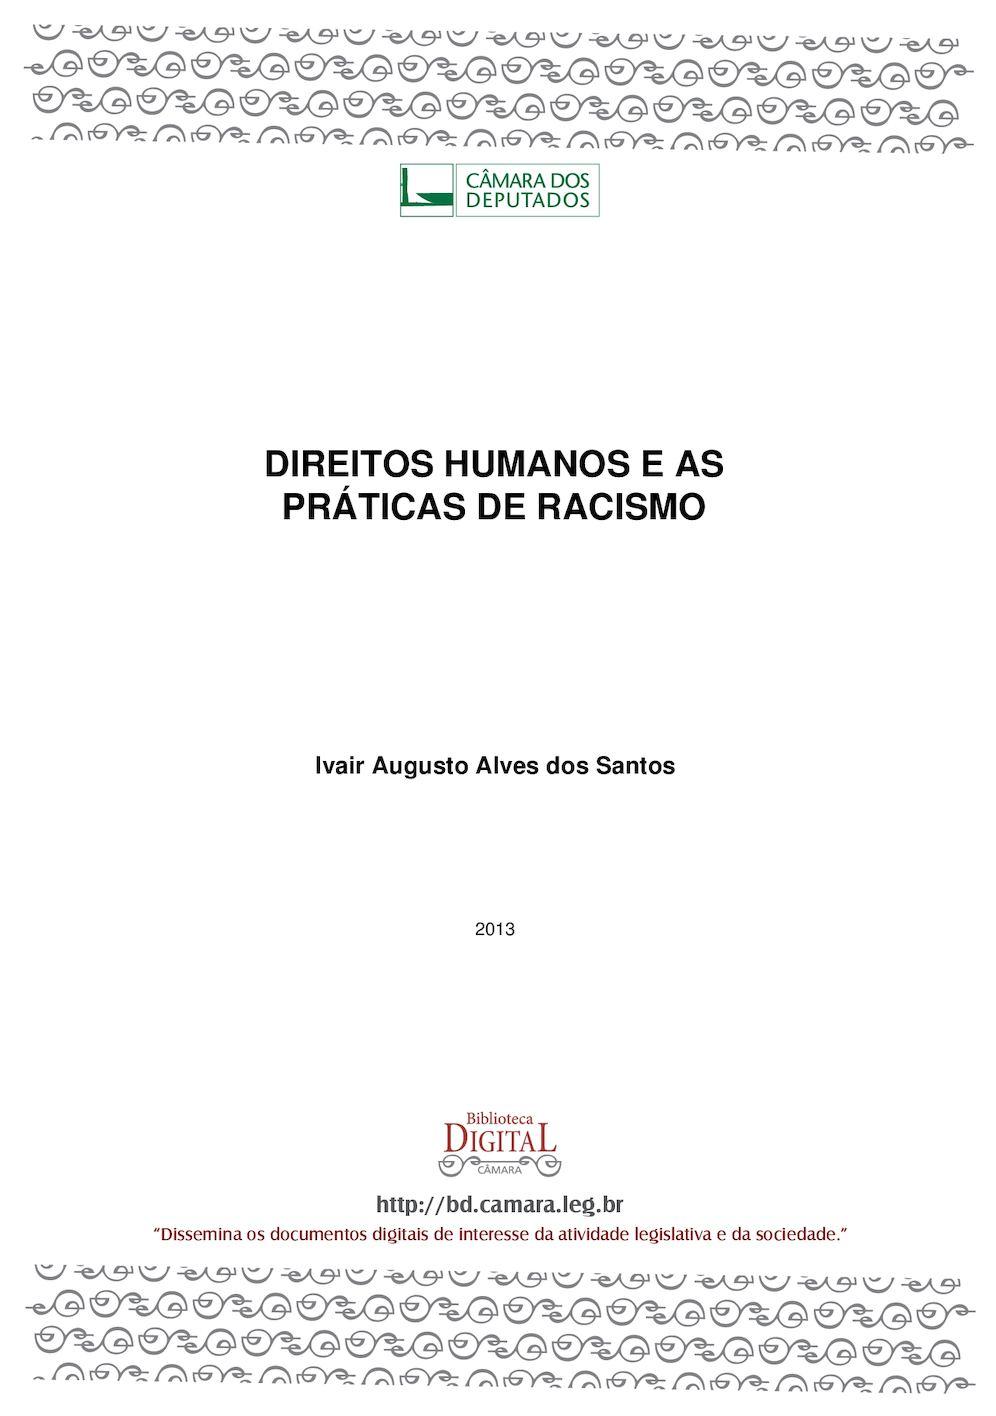 1324775f8 Calaméo - Direitos Humanos e Racismo